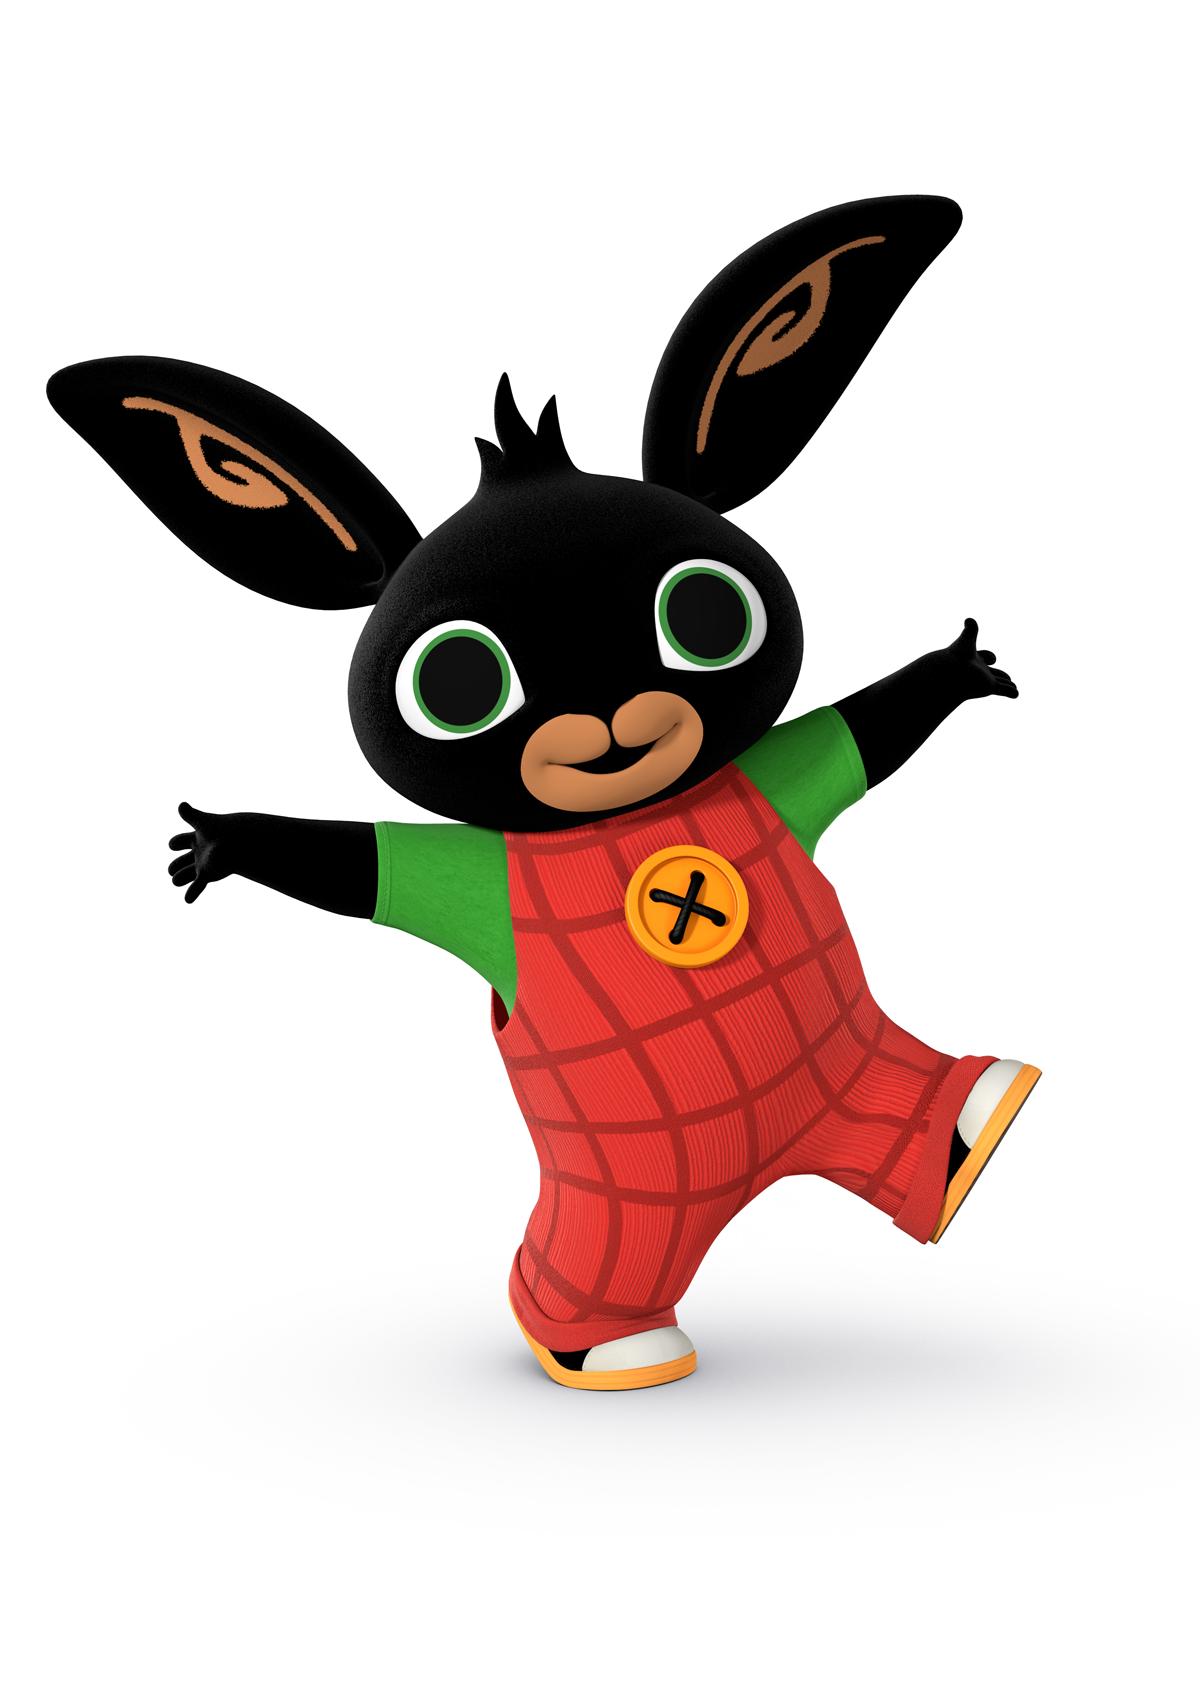 Bing clipart character. Bunny colouring sheets same